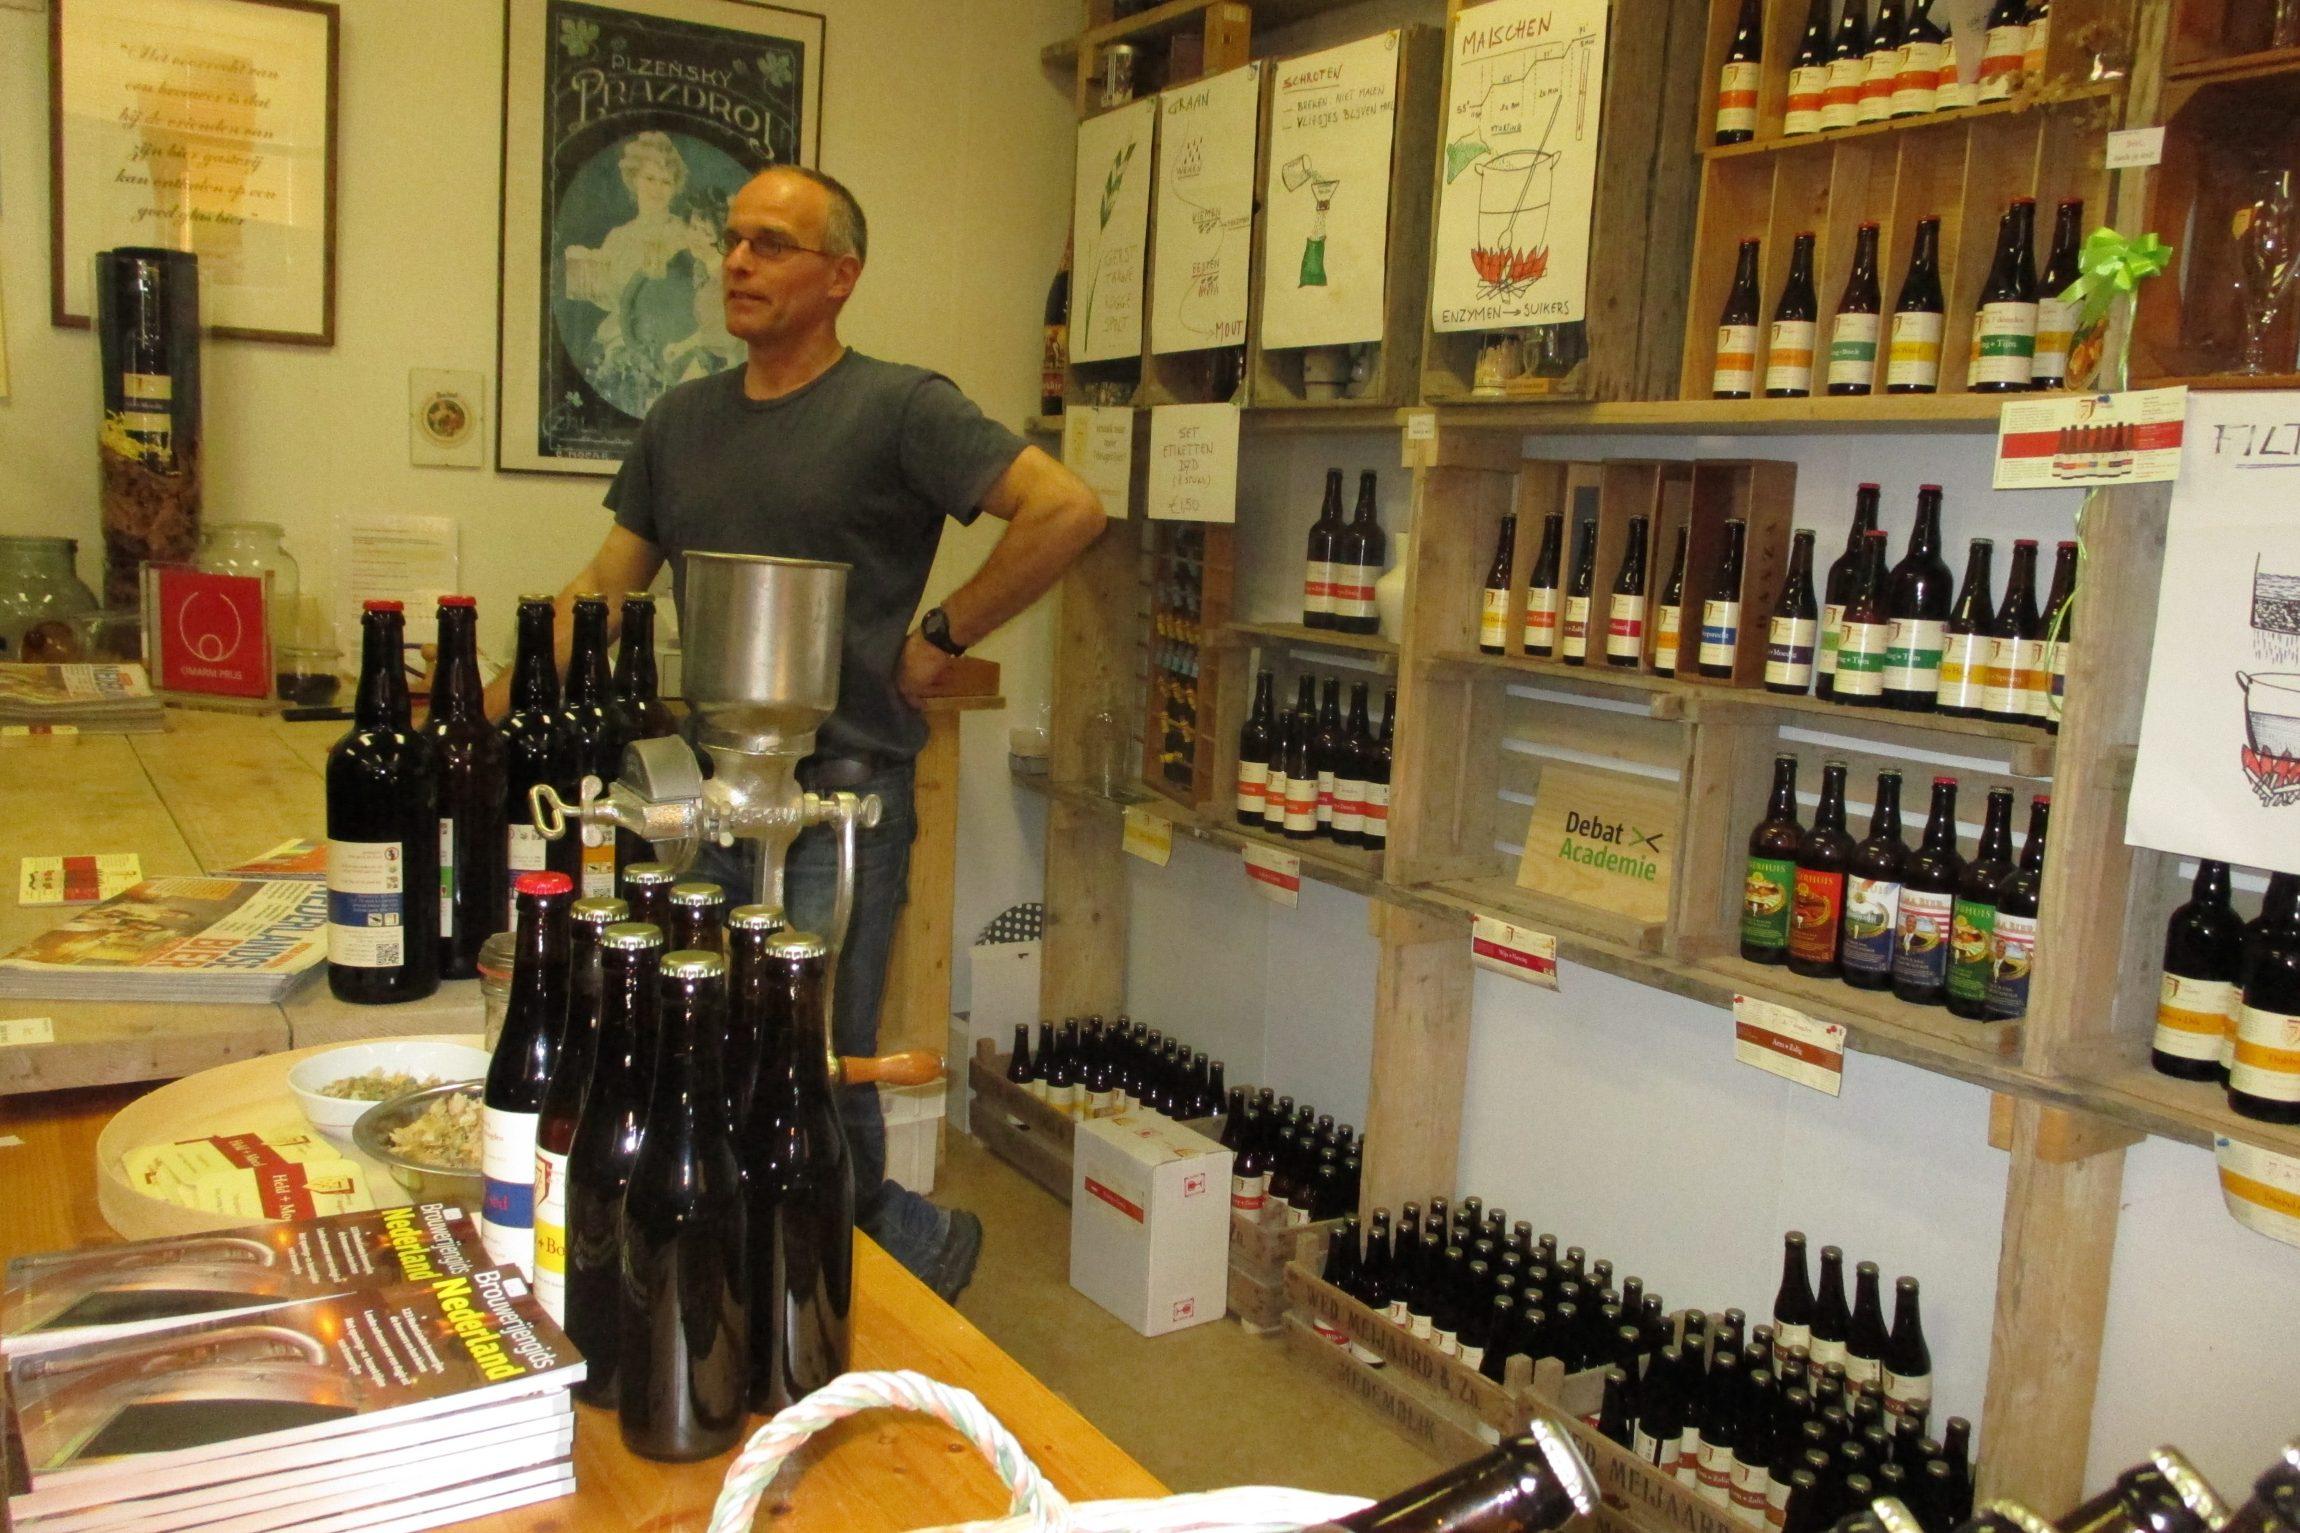 Veel sociaal ondernemers hebben werkgelegenheid tot doel en zijn gespecialiseerd in het werken met mensen die niet vanzelf in een reguliere arbeidsomgeving tot hun recht komen. Voorbeelden zijn: Specialisterren (software-testbedrijf met autistische jongeren), The Chairman at Work (stoelmassages door blinden), Ctaste (pikdonker restaurant waar blinden werken), Brouwerij De 7 Deugden (bierbrouwerij met medewerkers met een…